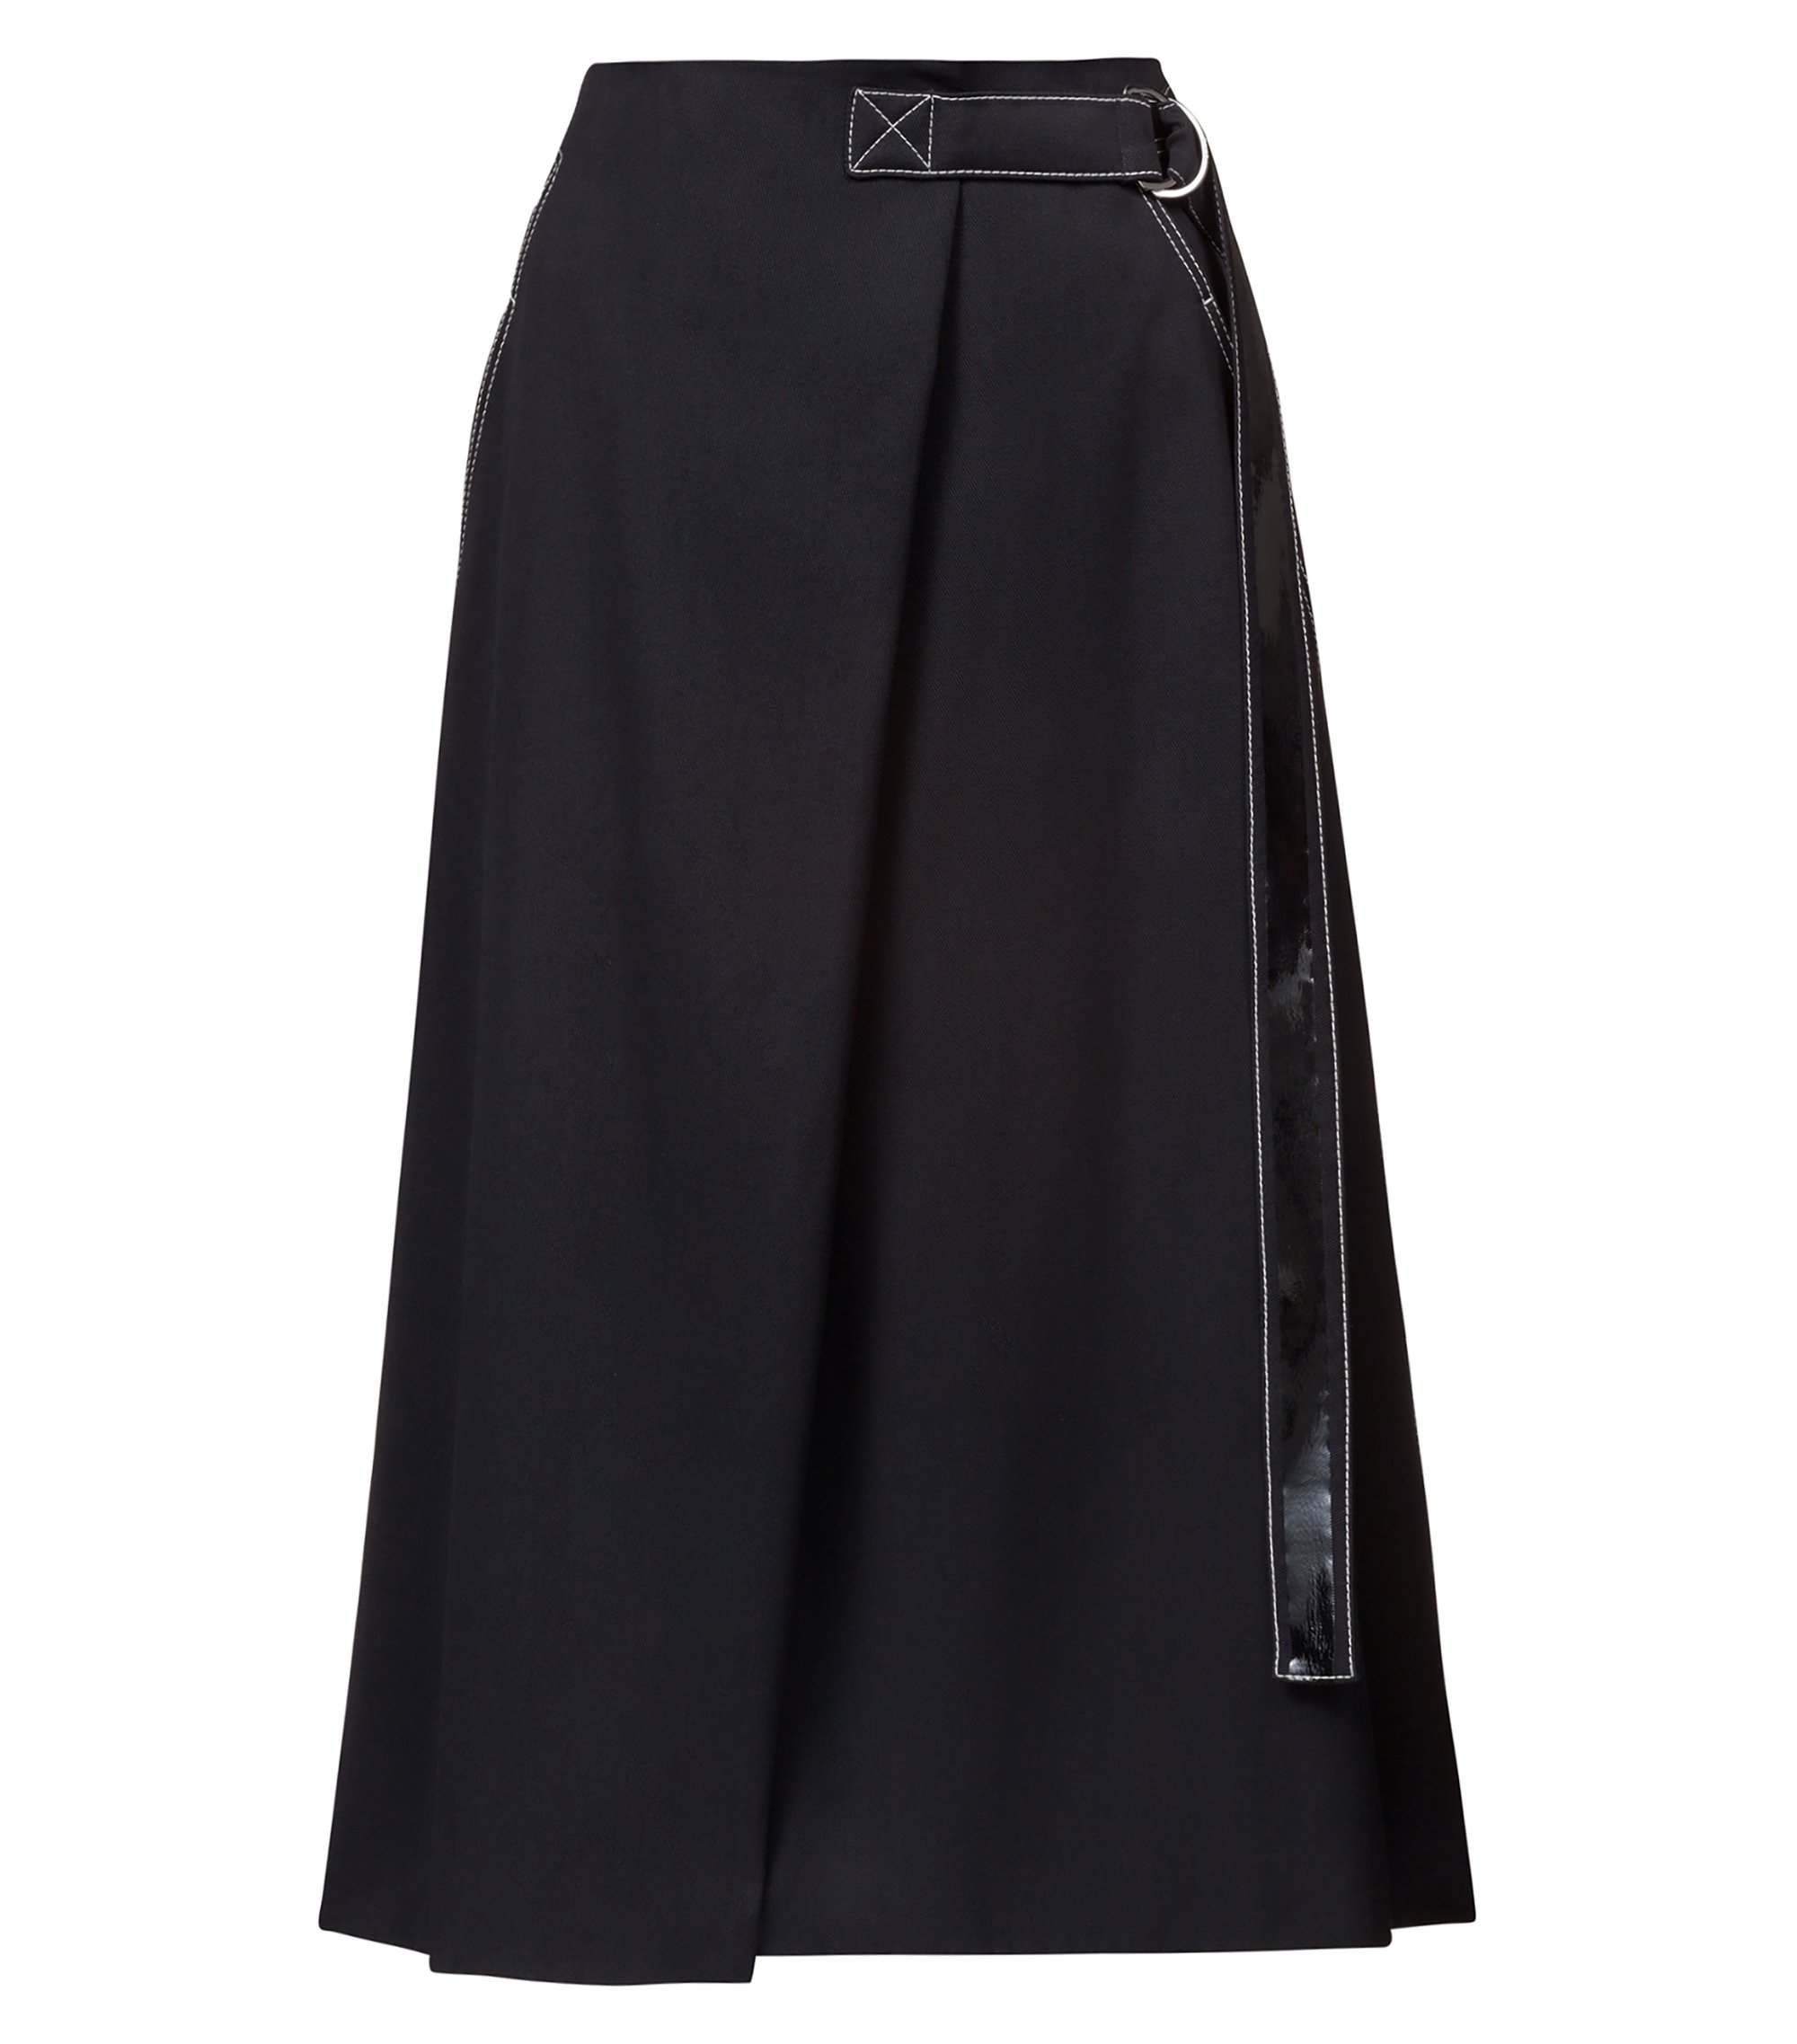 Jupe évasée avec poche plaquée et ceinture décorée, Noir